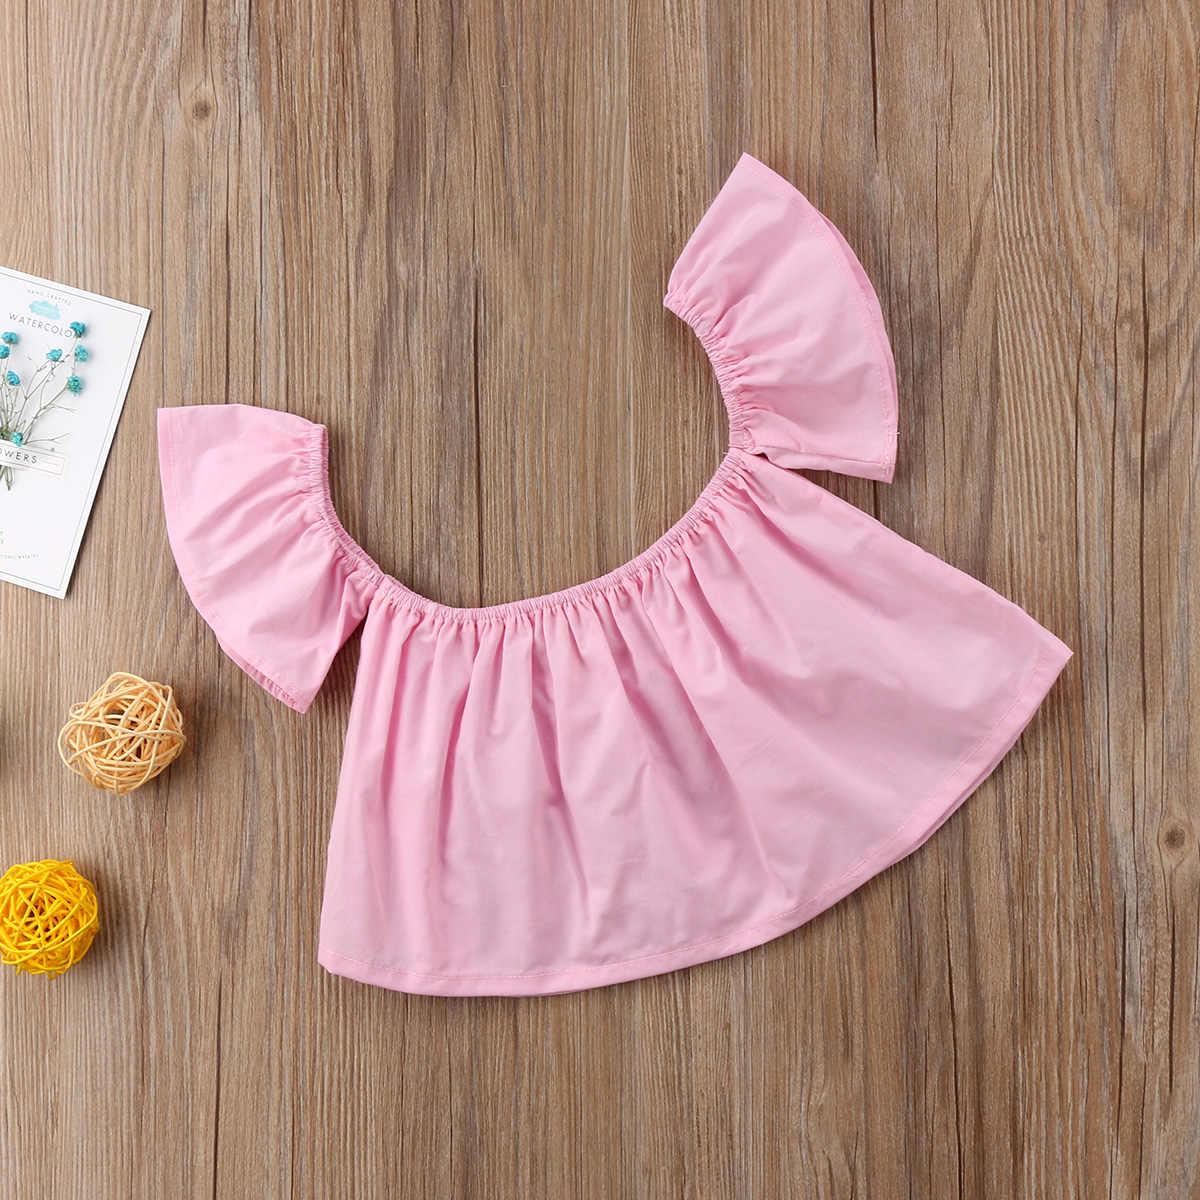 2018, Однотонная футболка с открытыми плечами для новорожденных девочек, розовый, белый, черный короткий топ, блузка, одежда, милая летняя одежда